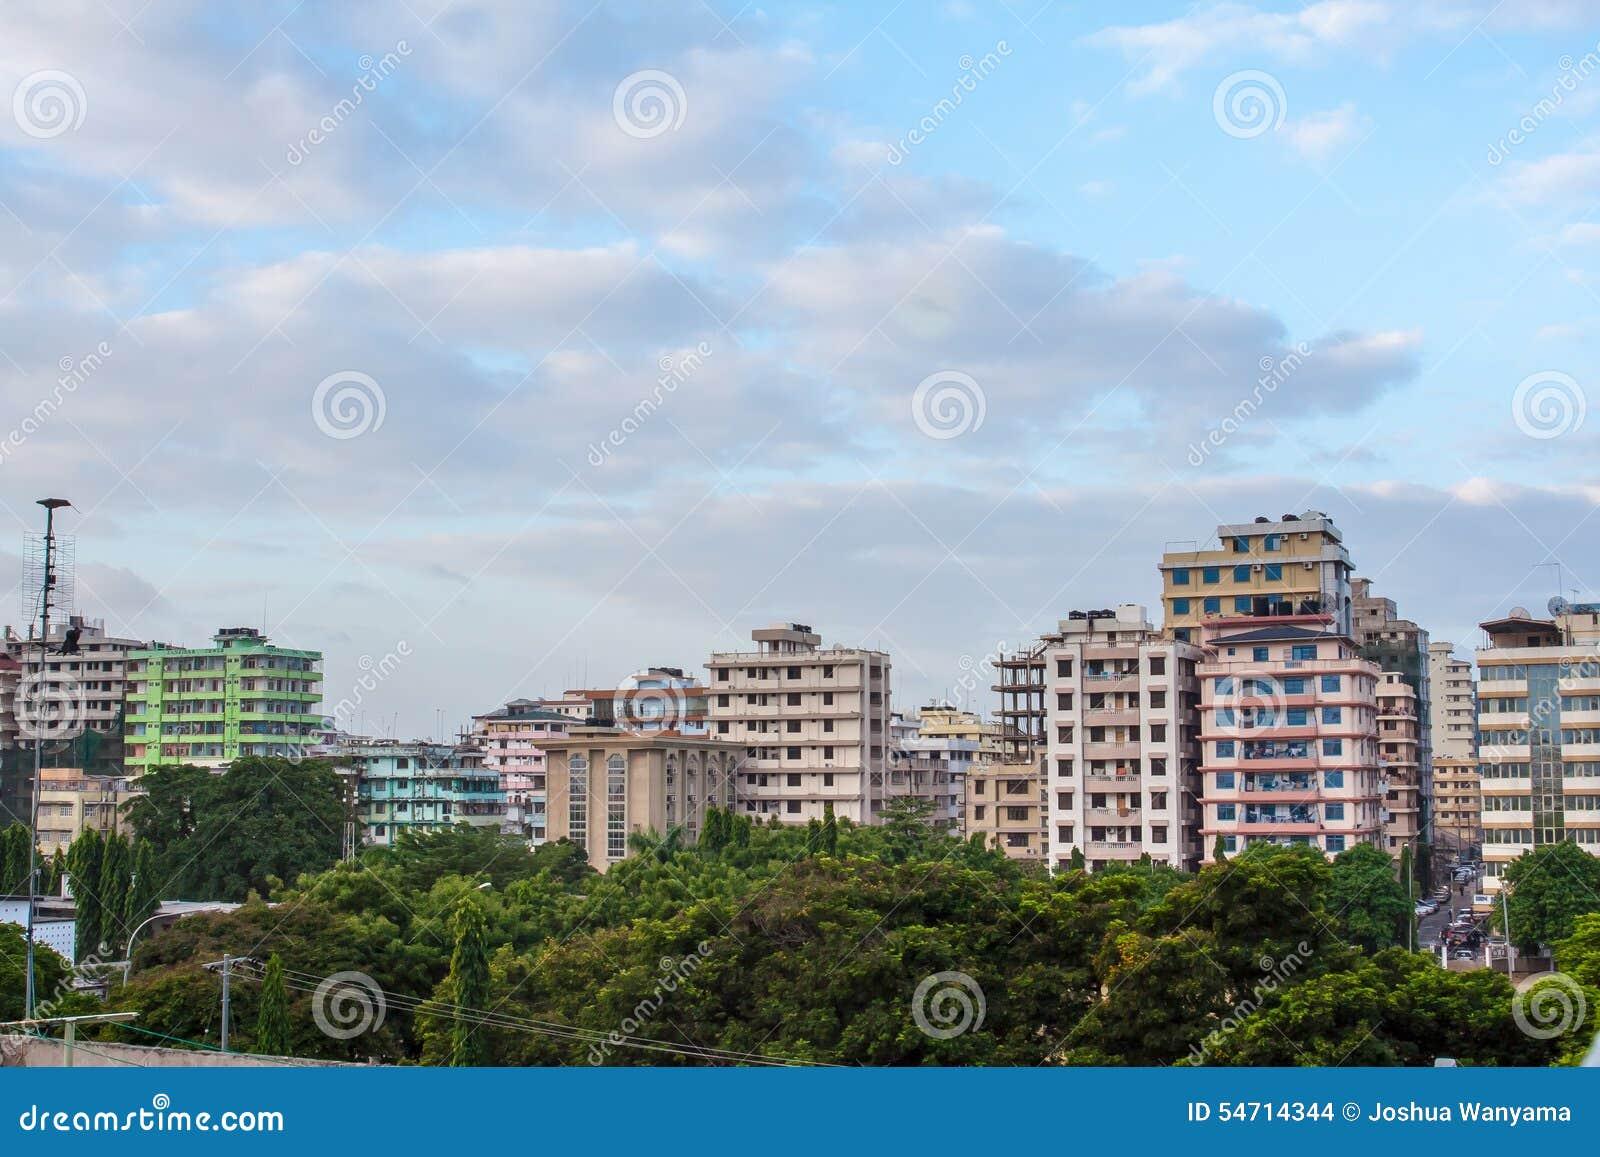 Downtowm Dar Es Salaam